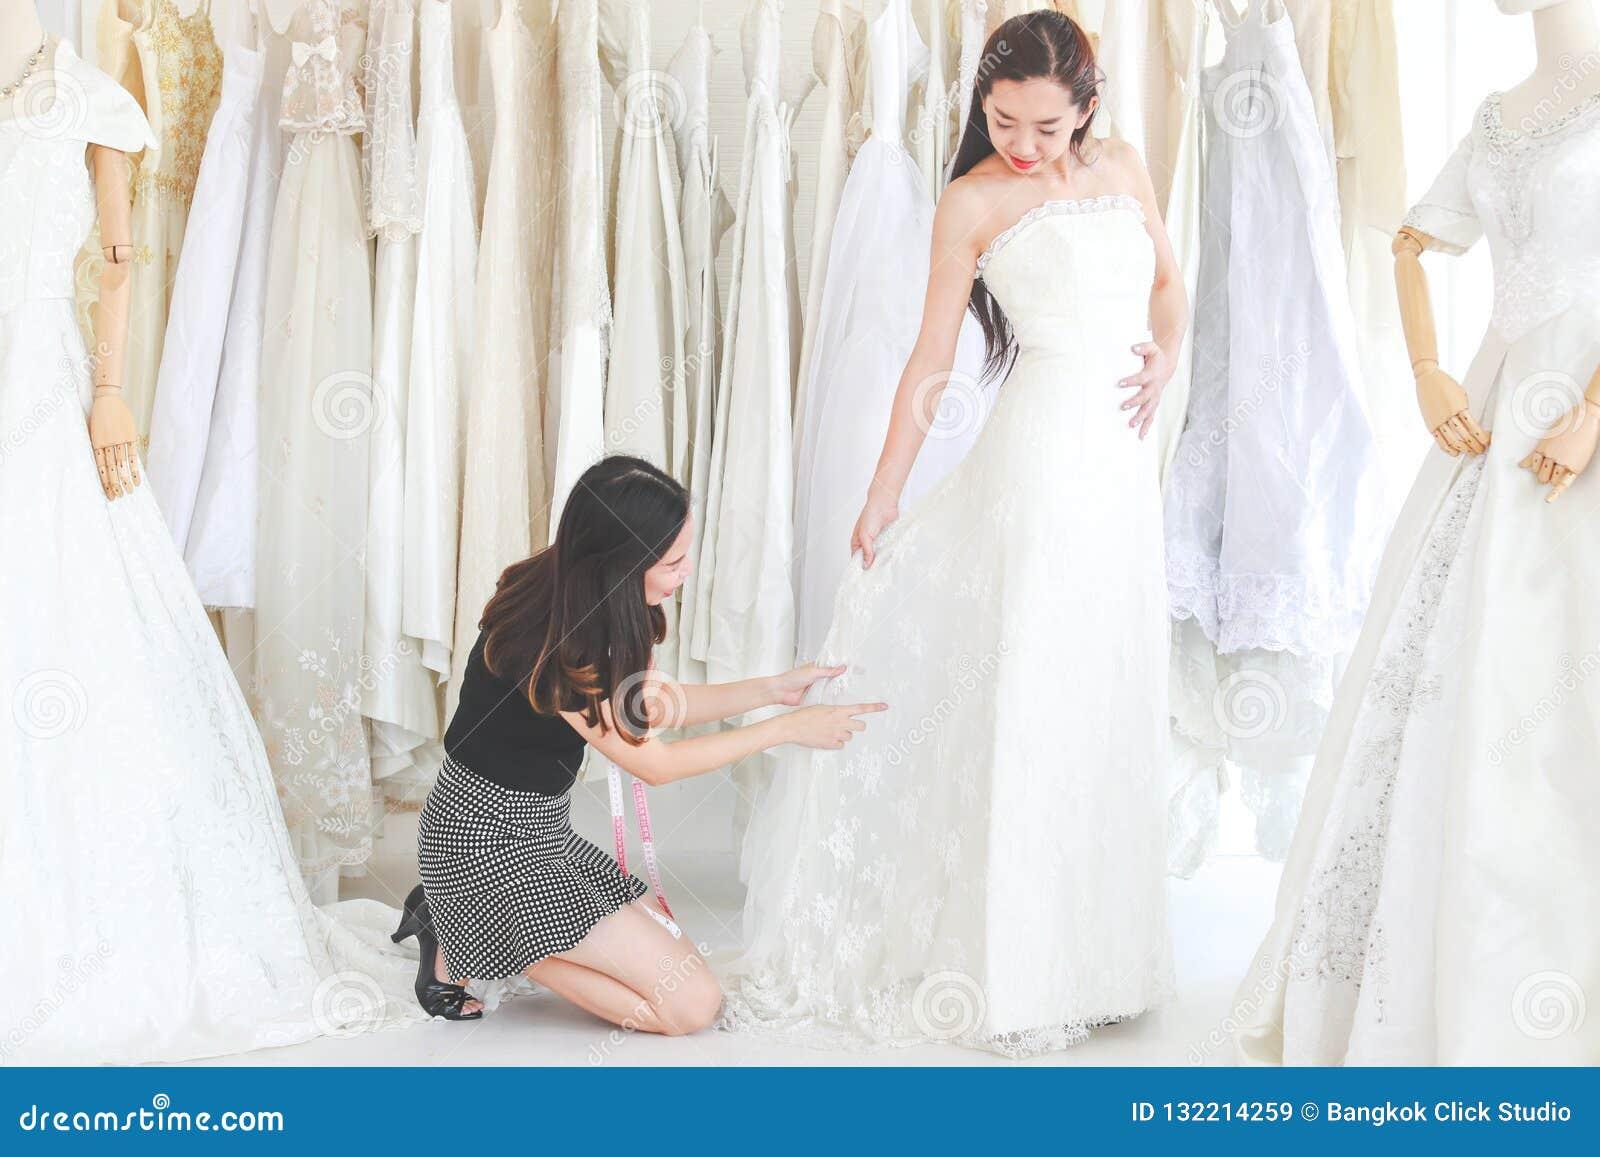 Młoda kobieta próbuje ślubną suknię w studiu, projektant jest jak